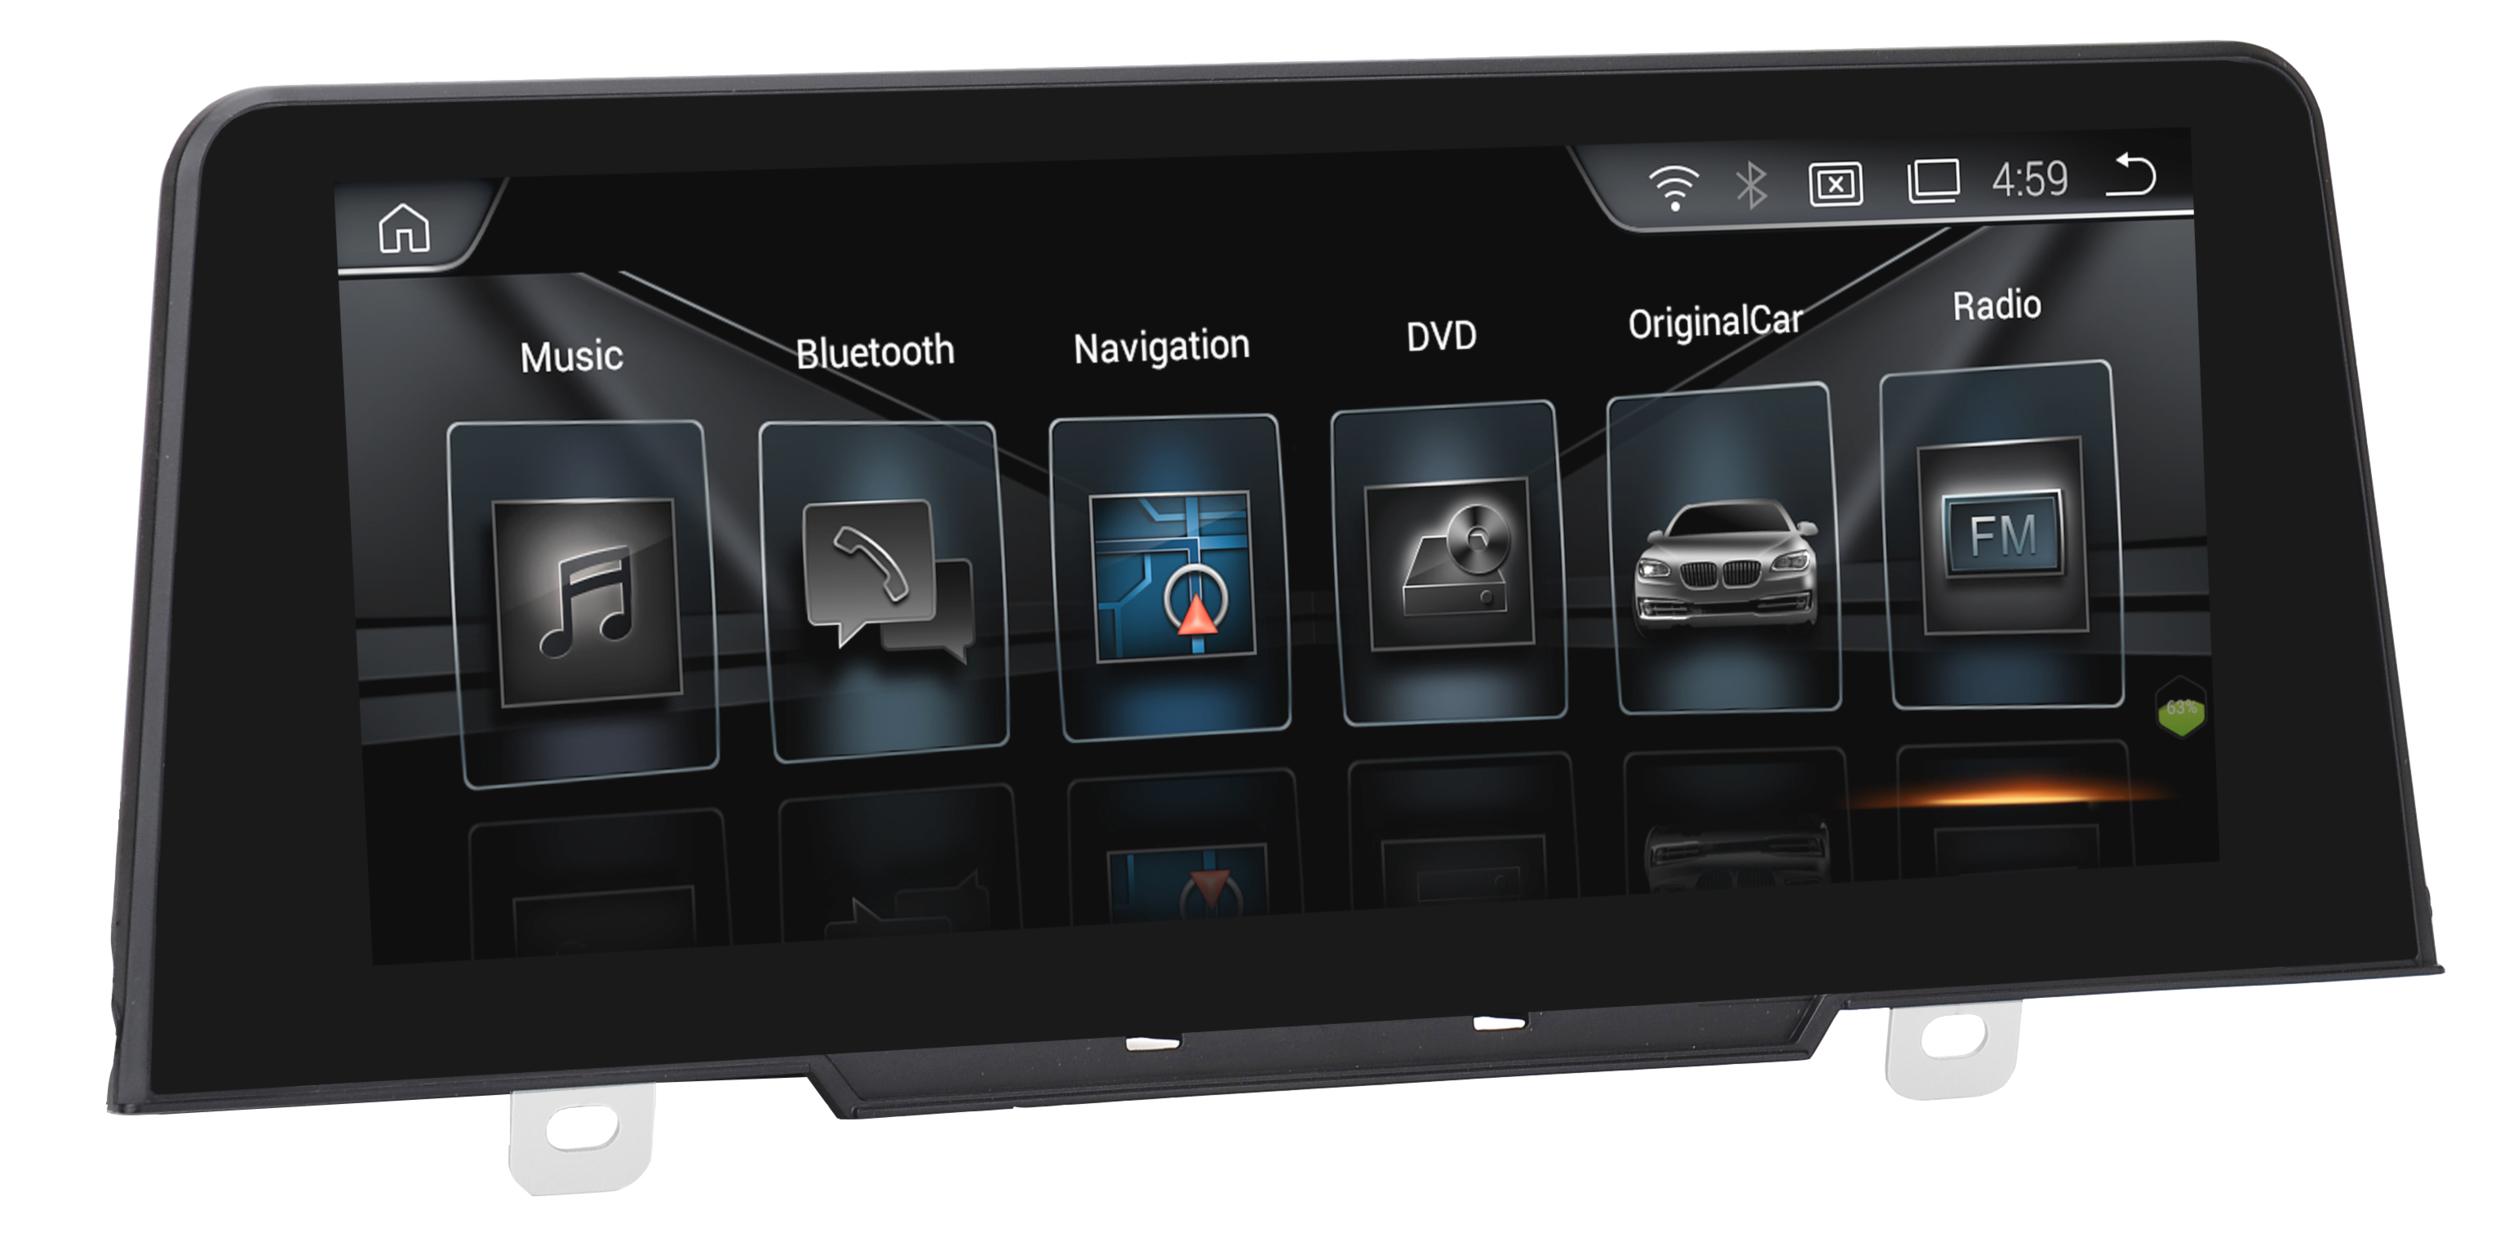 Autoradio Android écran tactile Navigation GPS BMW Série 1 depuis 2017